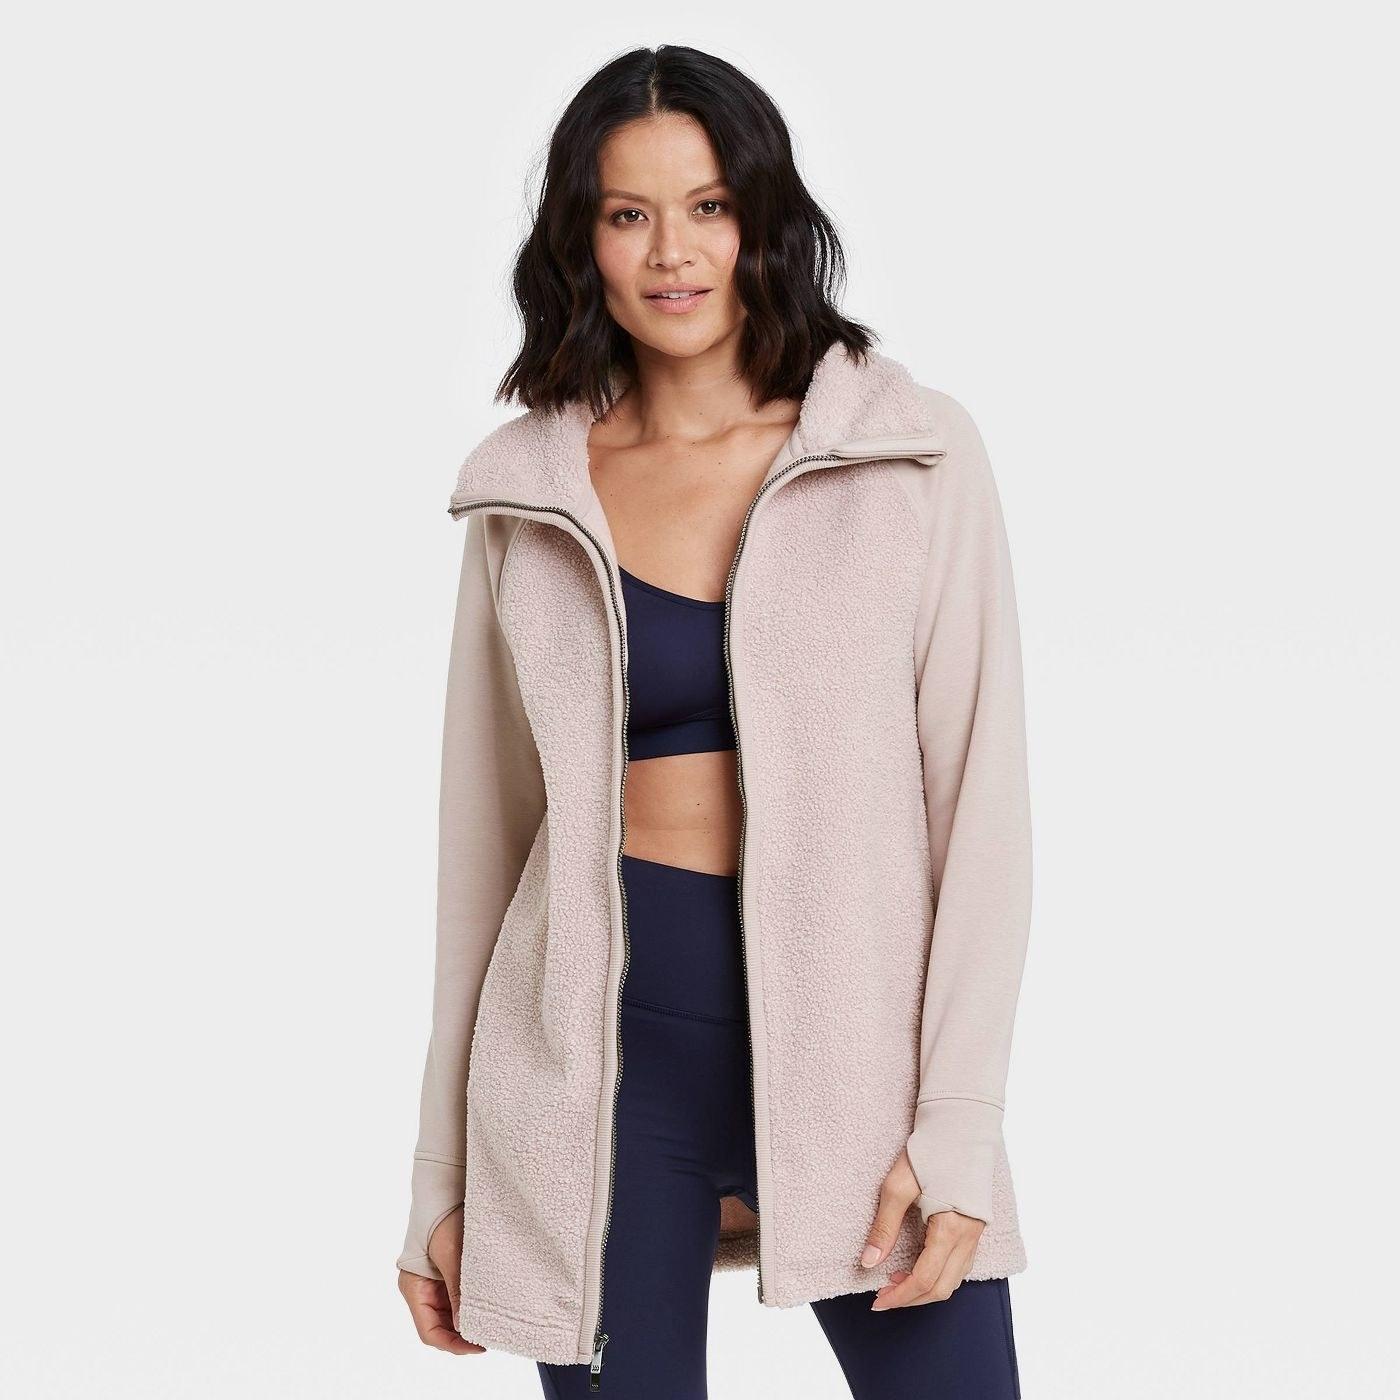 Model in long sherpa jacket